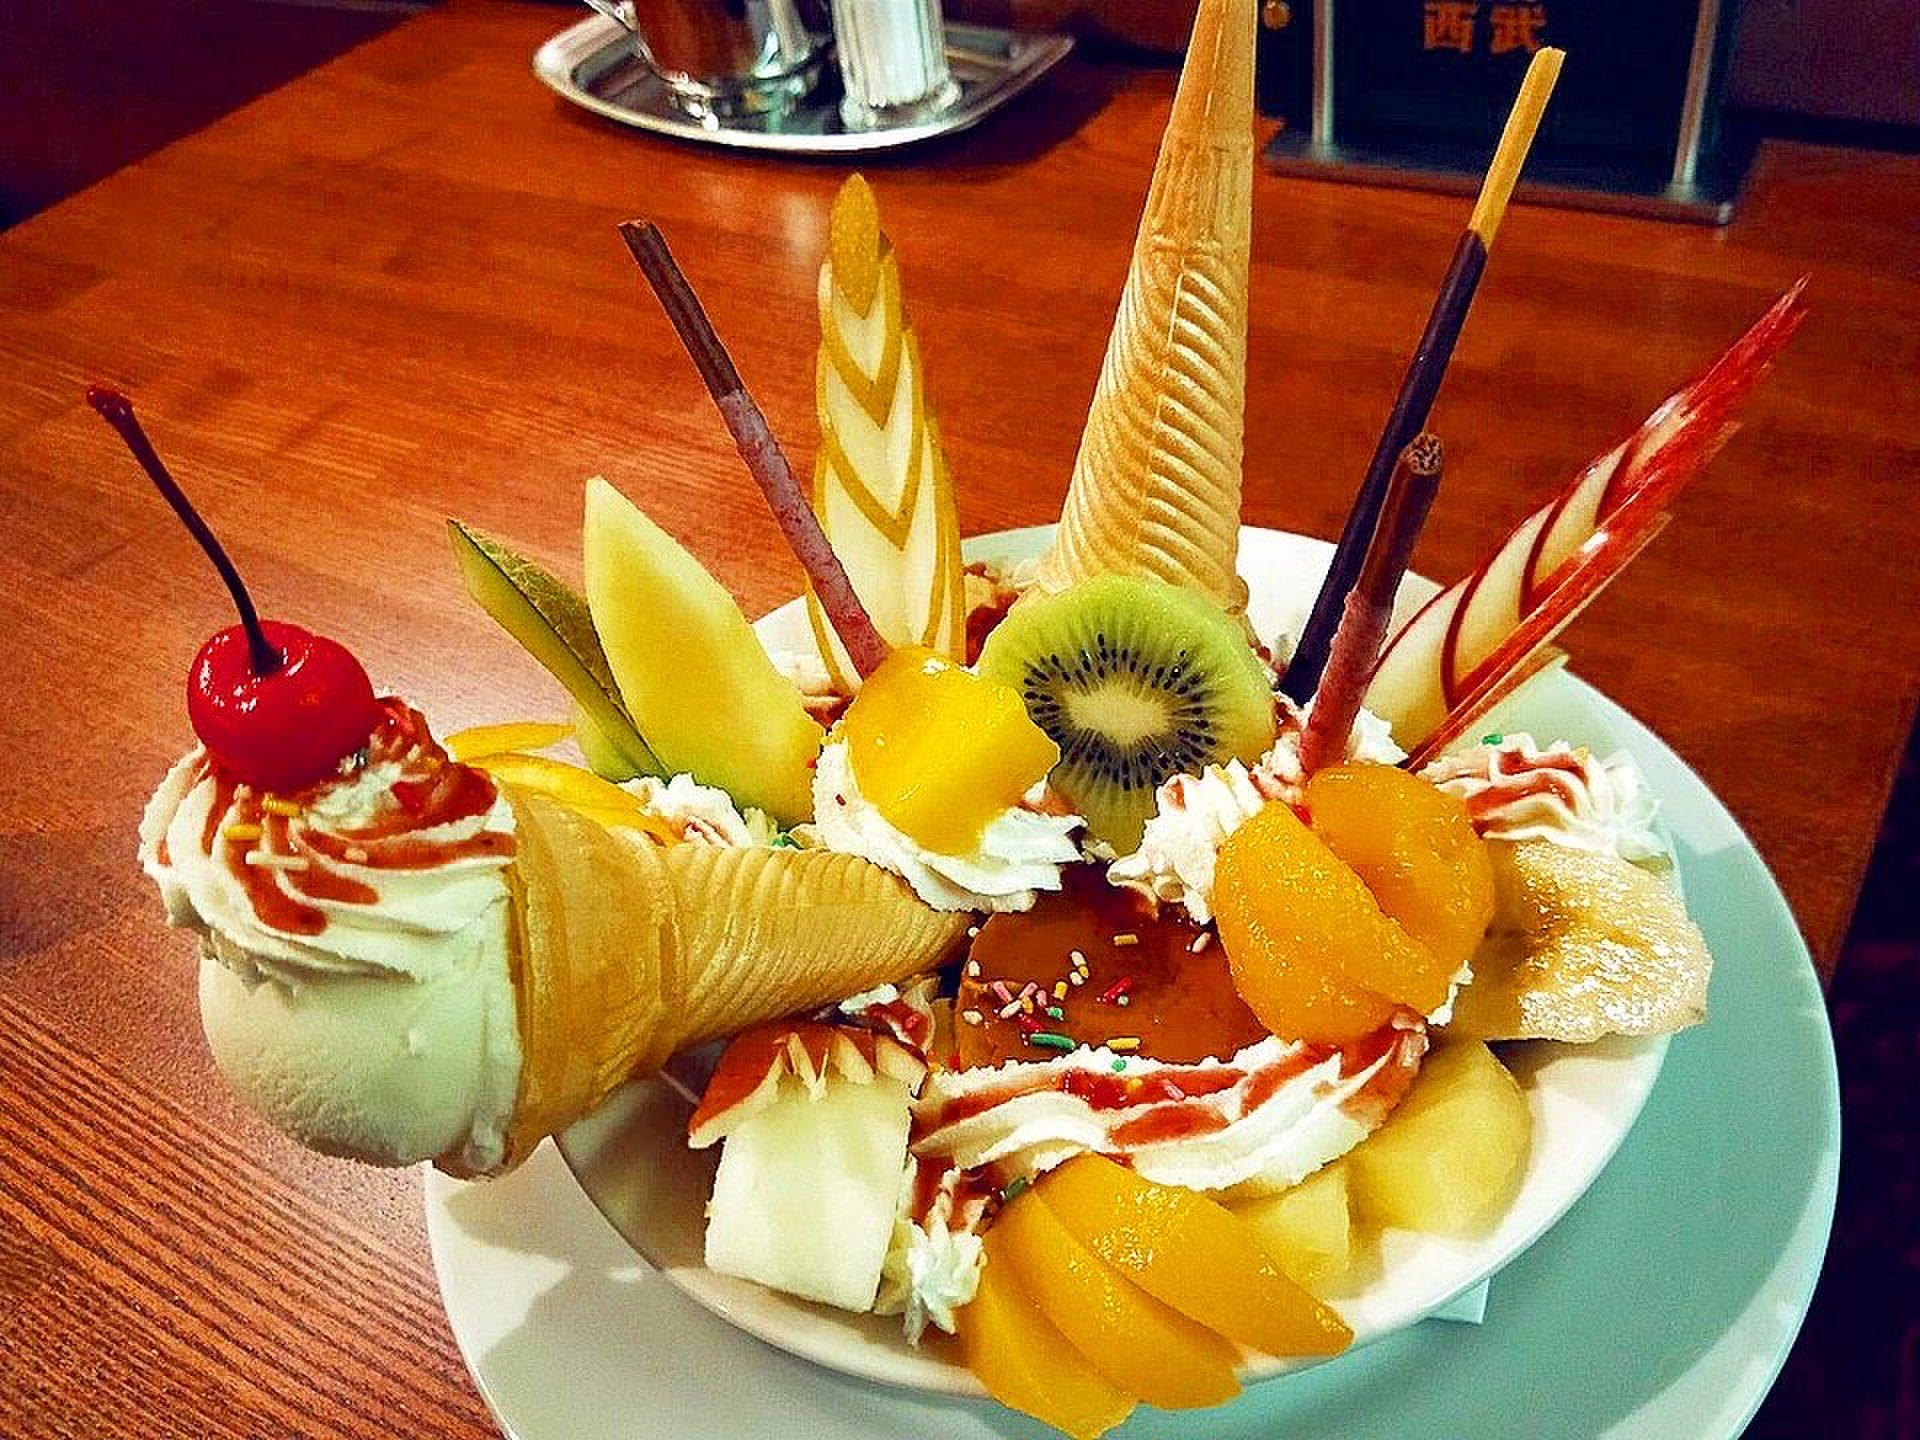 プリンアラモード好きなら1度は食べたい?!新宿で土日でも空いてる純喫茶「珈琲西武」を堪能♡